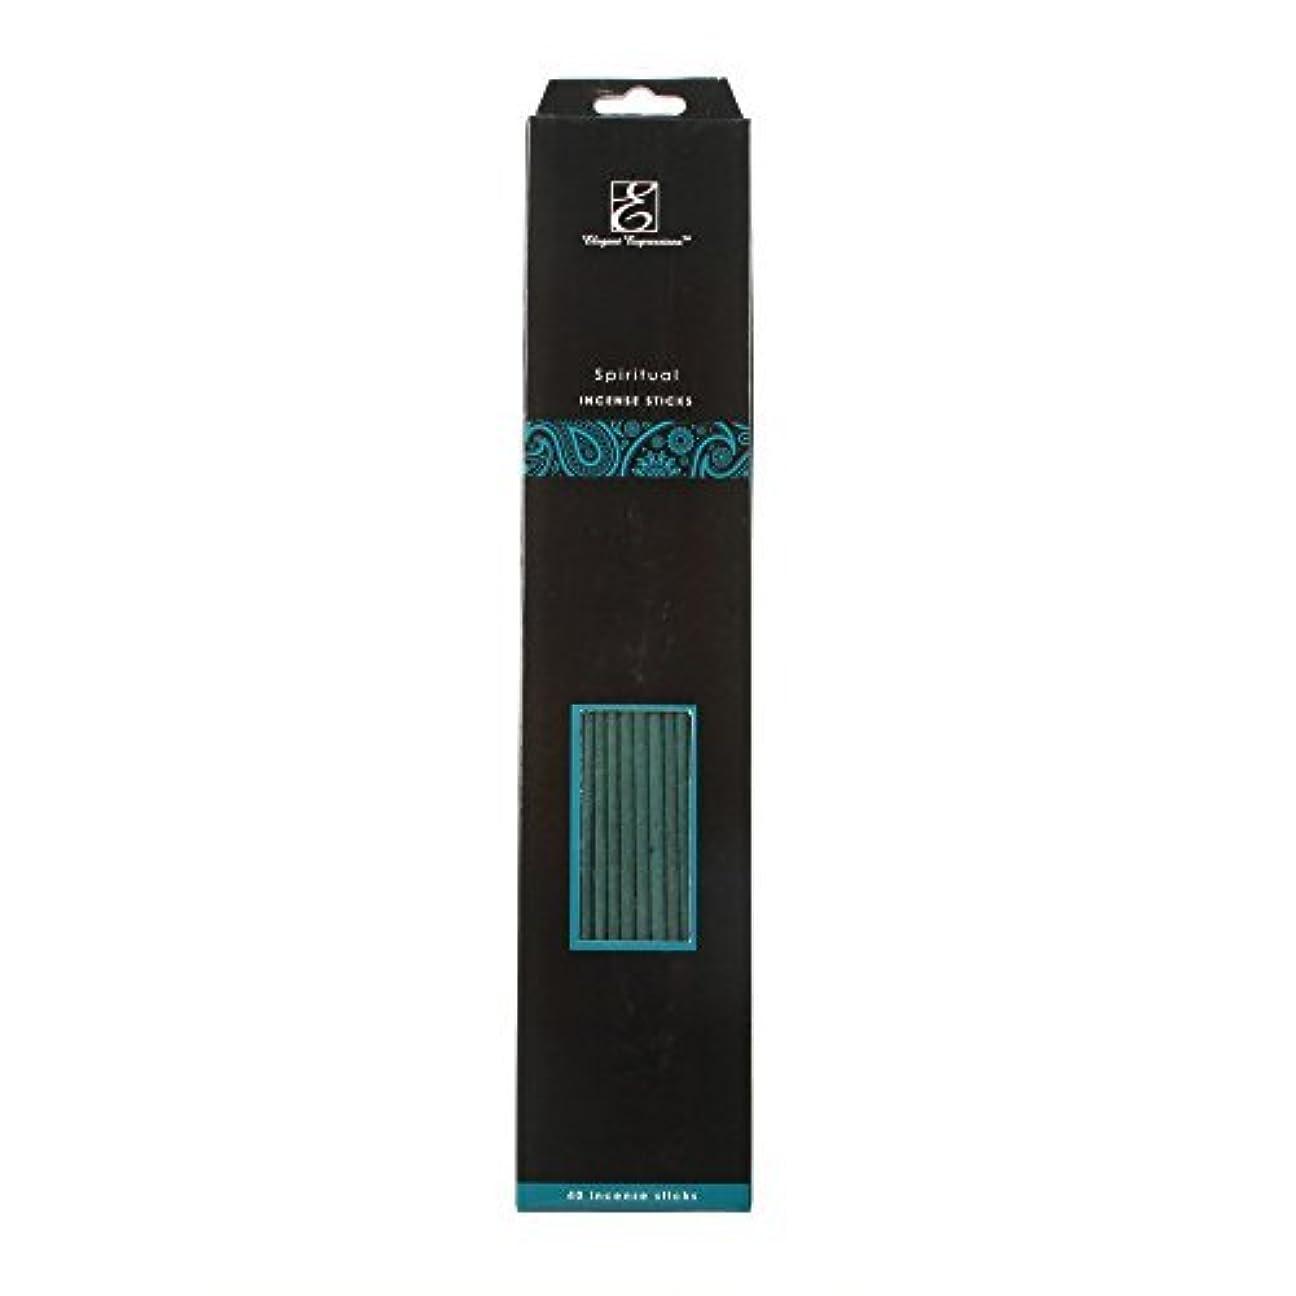 のヒープようこそなのでHosley 's Highly Fragranced Spiritual Incense Sticks 240パック、Infused with Essential Oils。Ideal For結婚式、イベント、アロマセラピー...